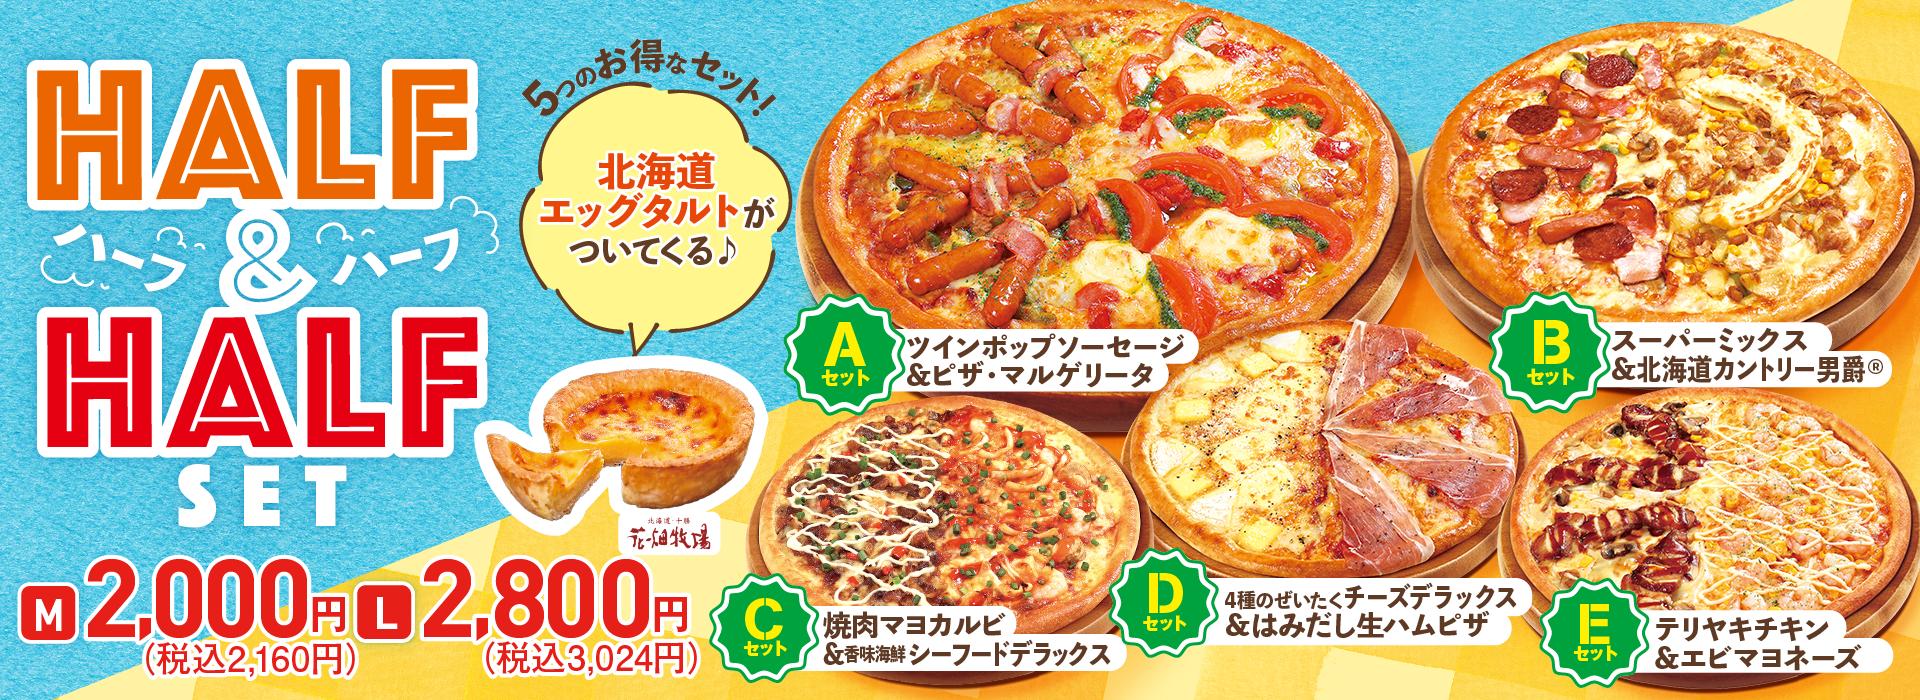 カルボ メニュー ピザ 事業紹介・会社概要